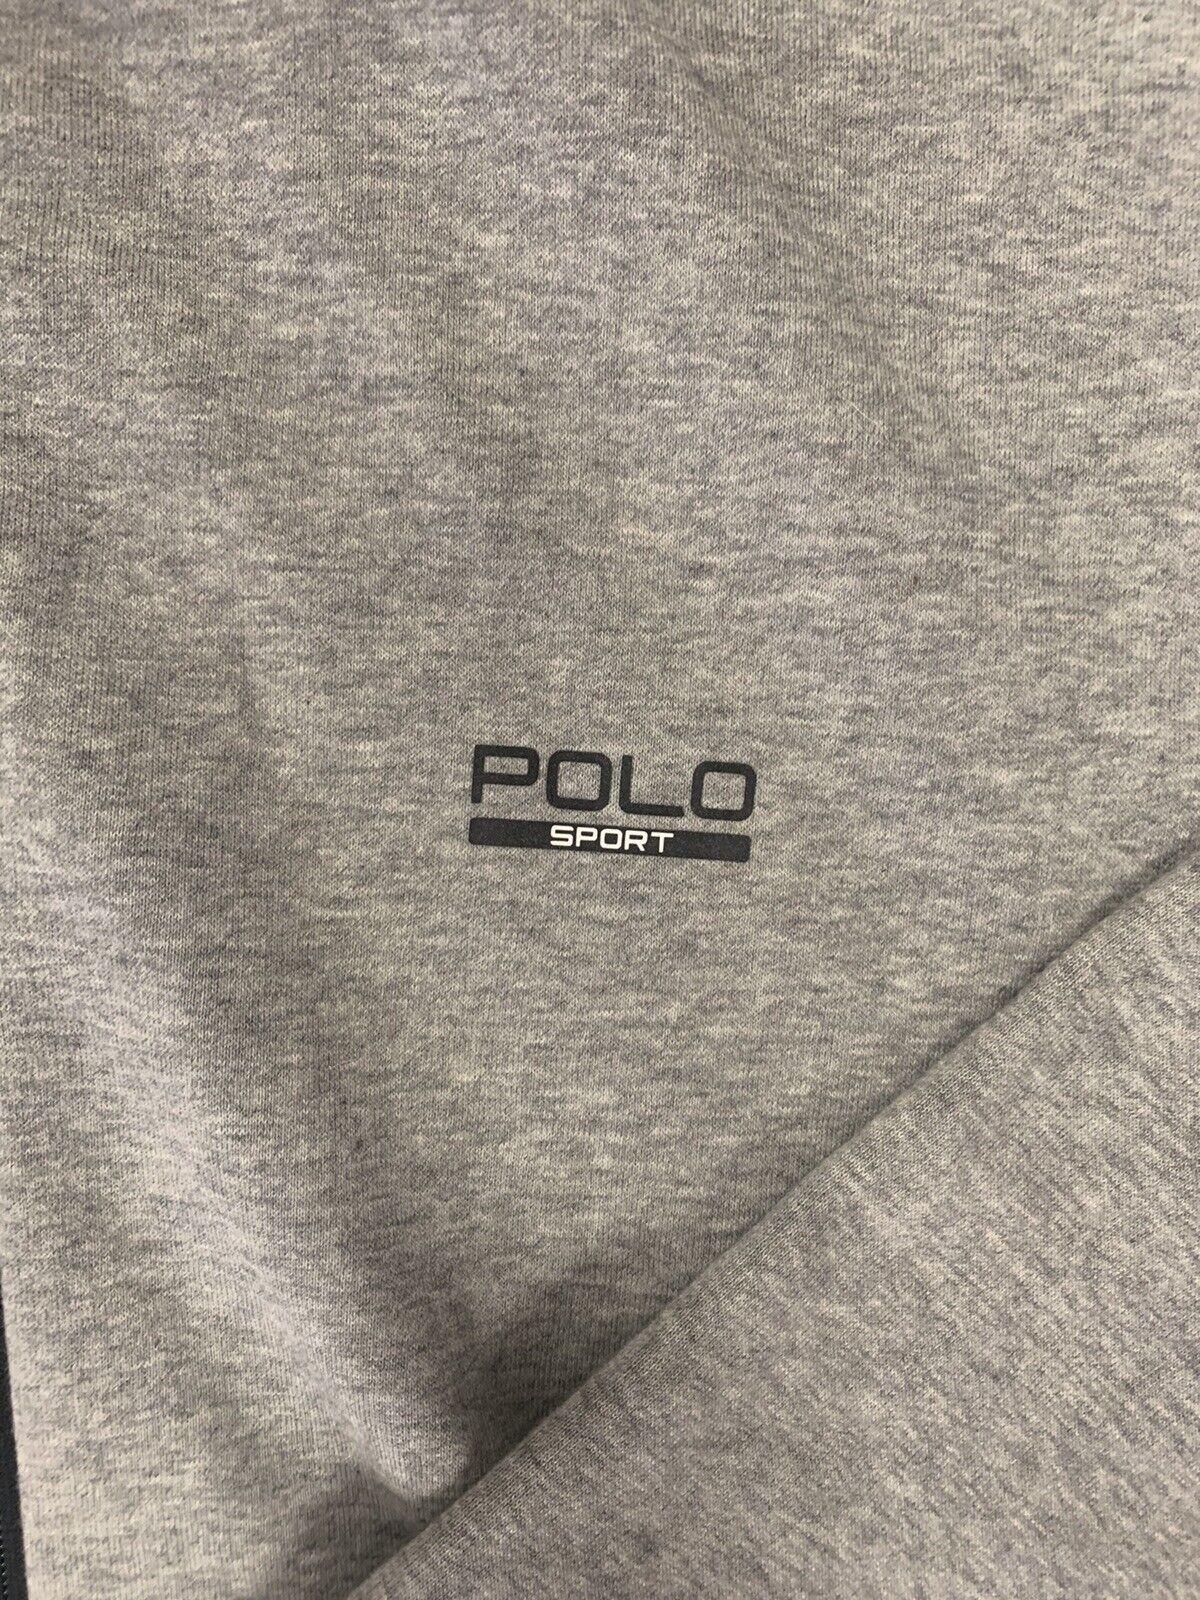 Ralph Lauren Polo Sport Zip Up Hooide LT Grey Vin… - image 2